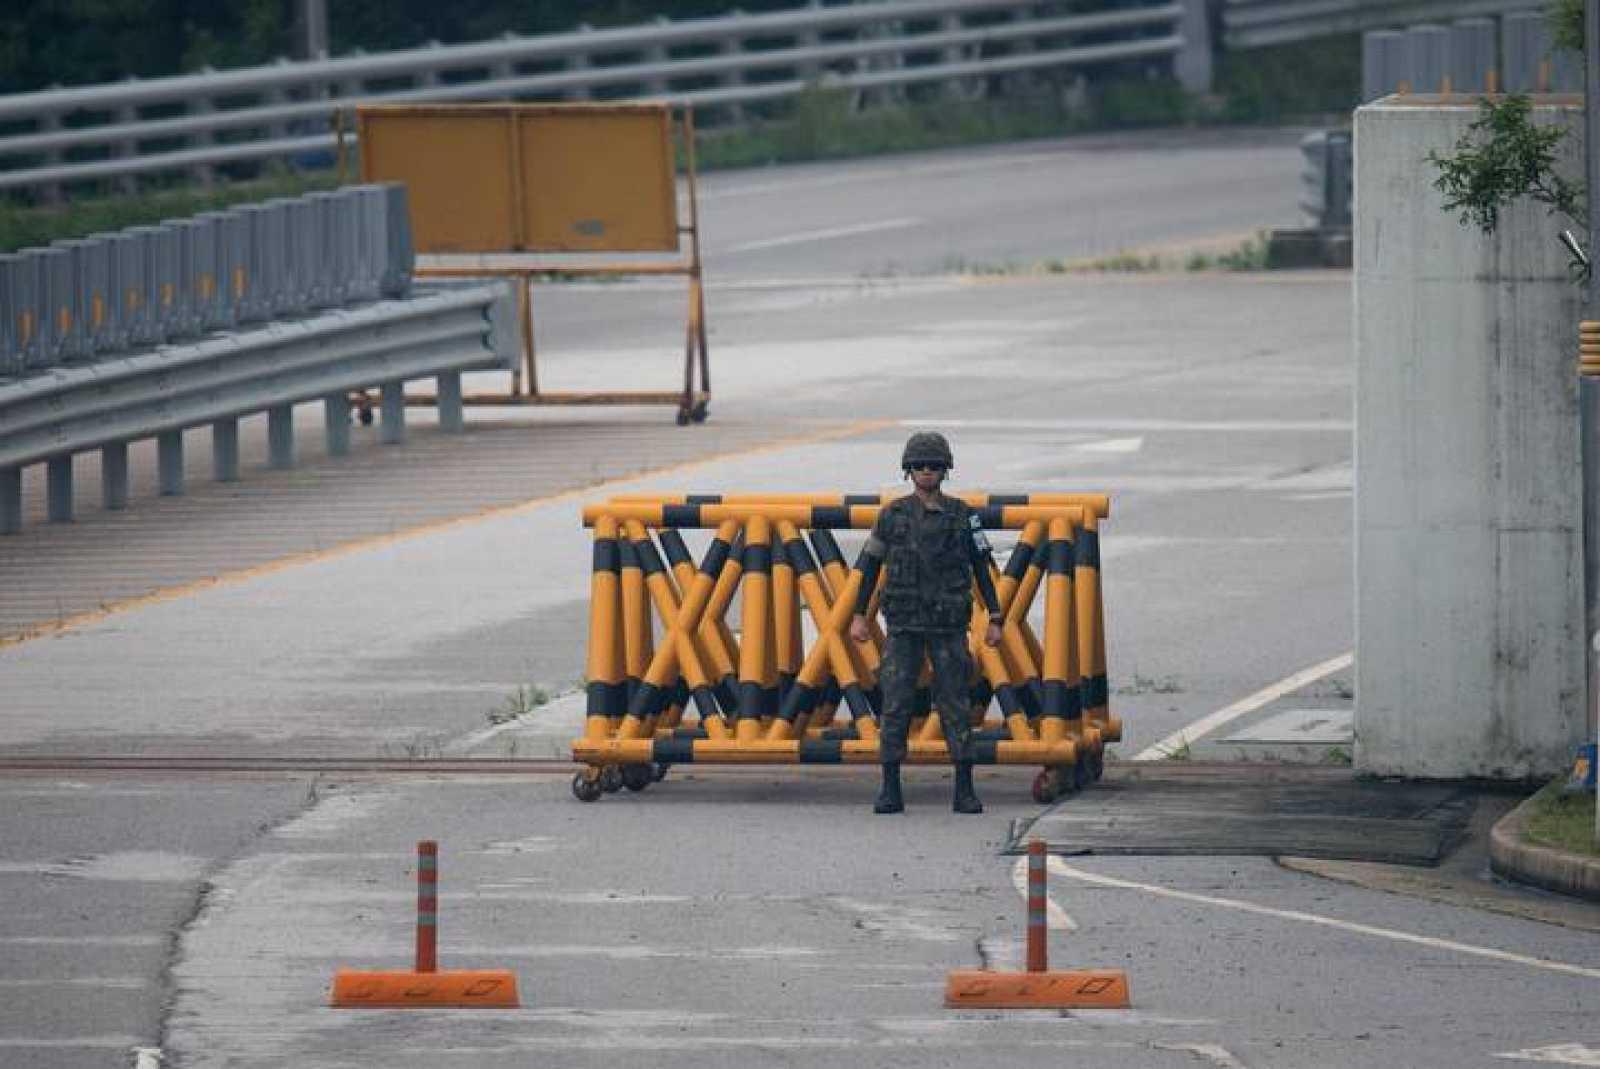 Un soldado surcoreano guarda su posición en la frontera entre ambas Coreas, en el complejo industrial de Kaesong.